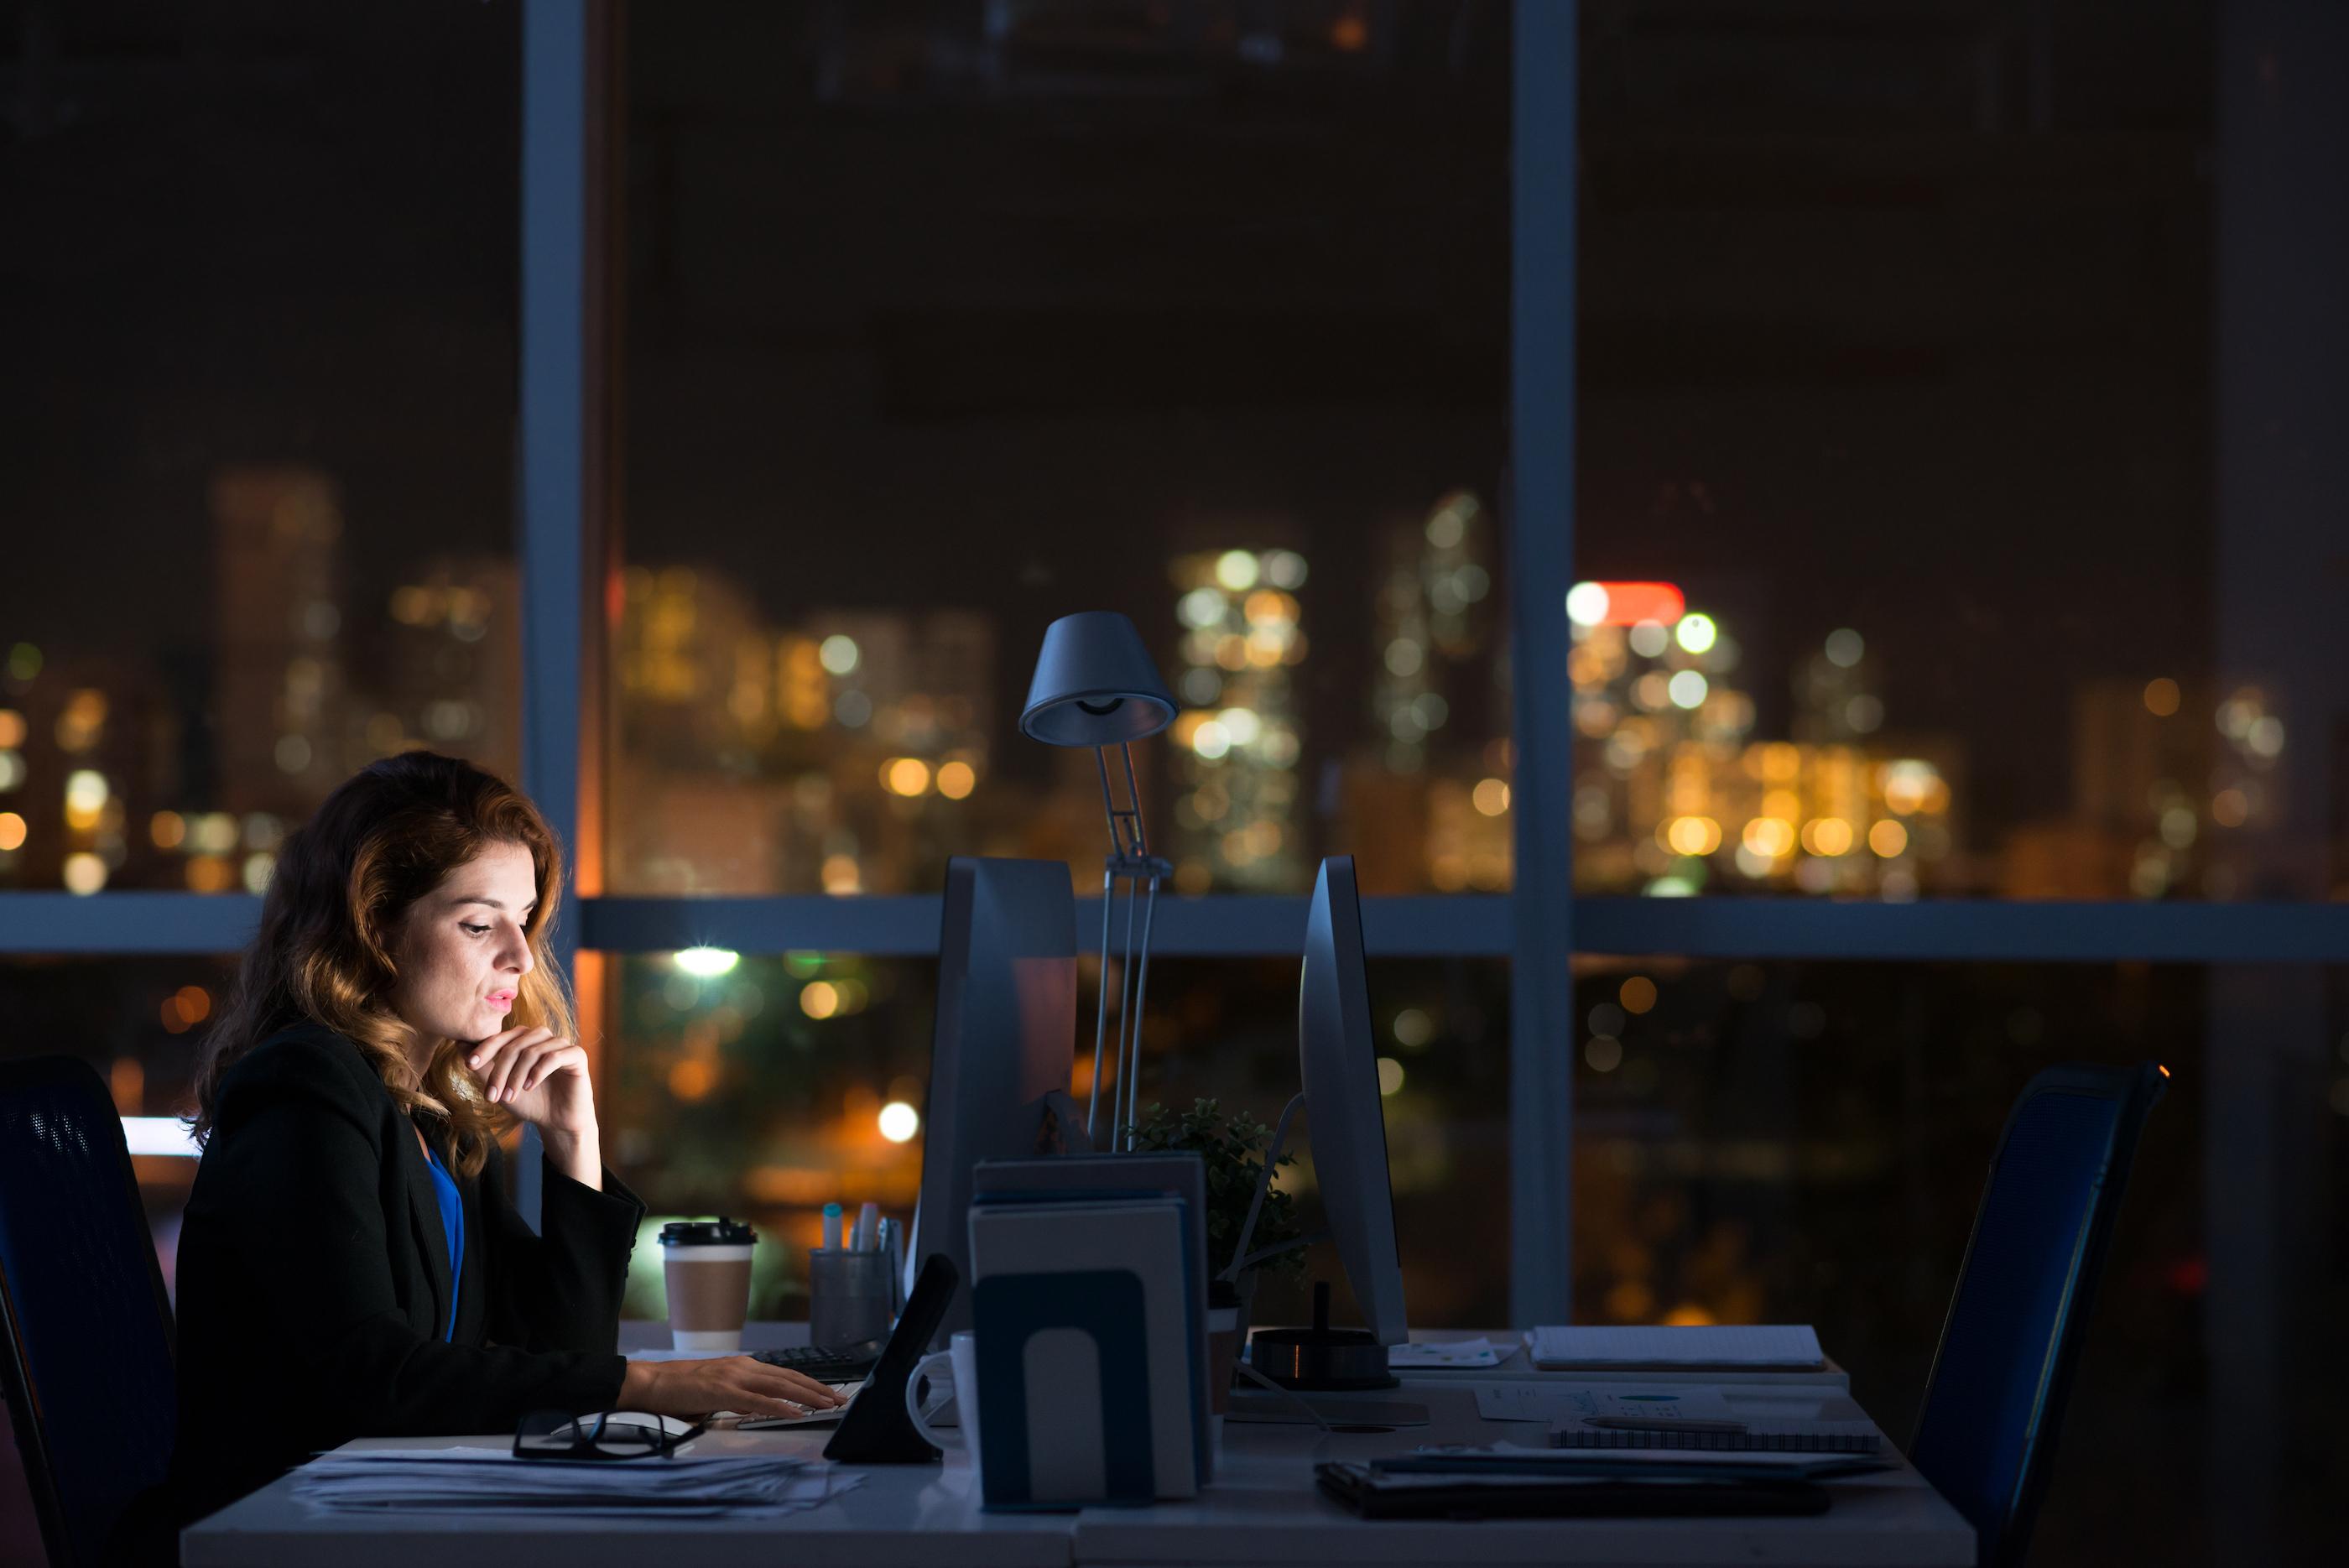 Eine Frau, die im dunklen alleine im Büro sitzt und arbeitet.